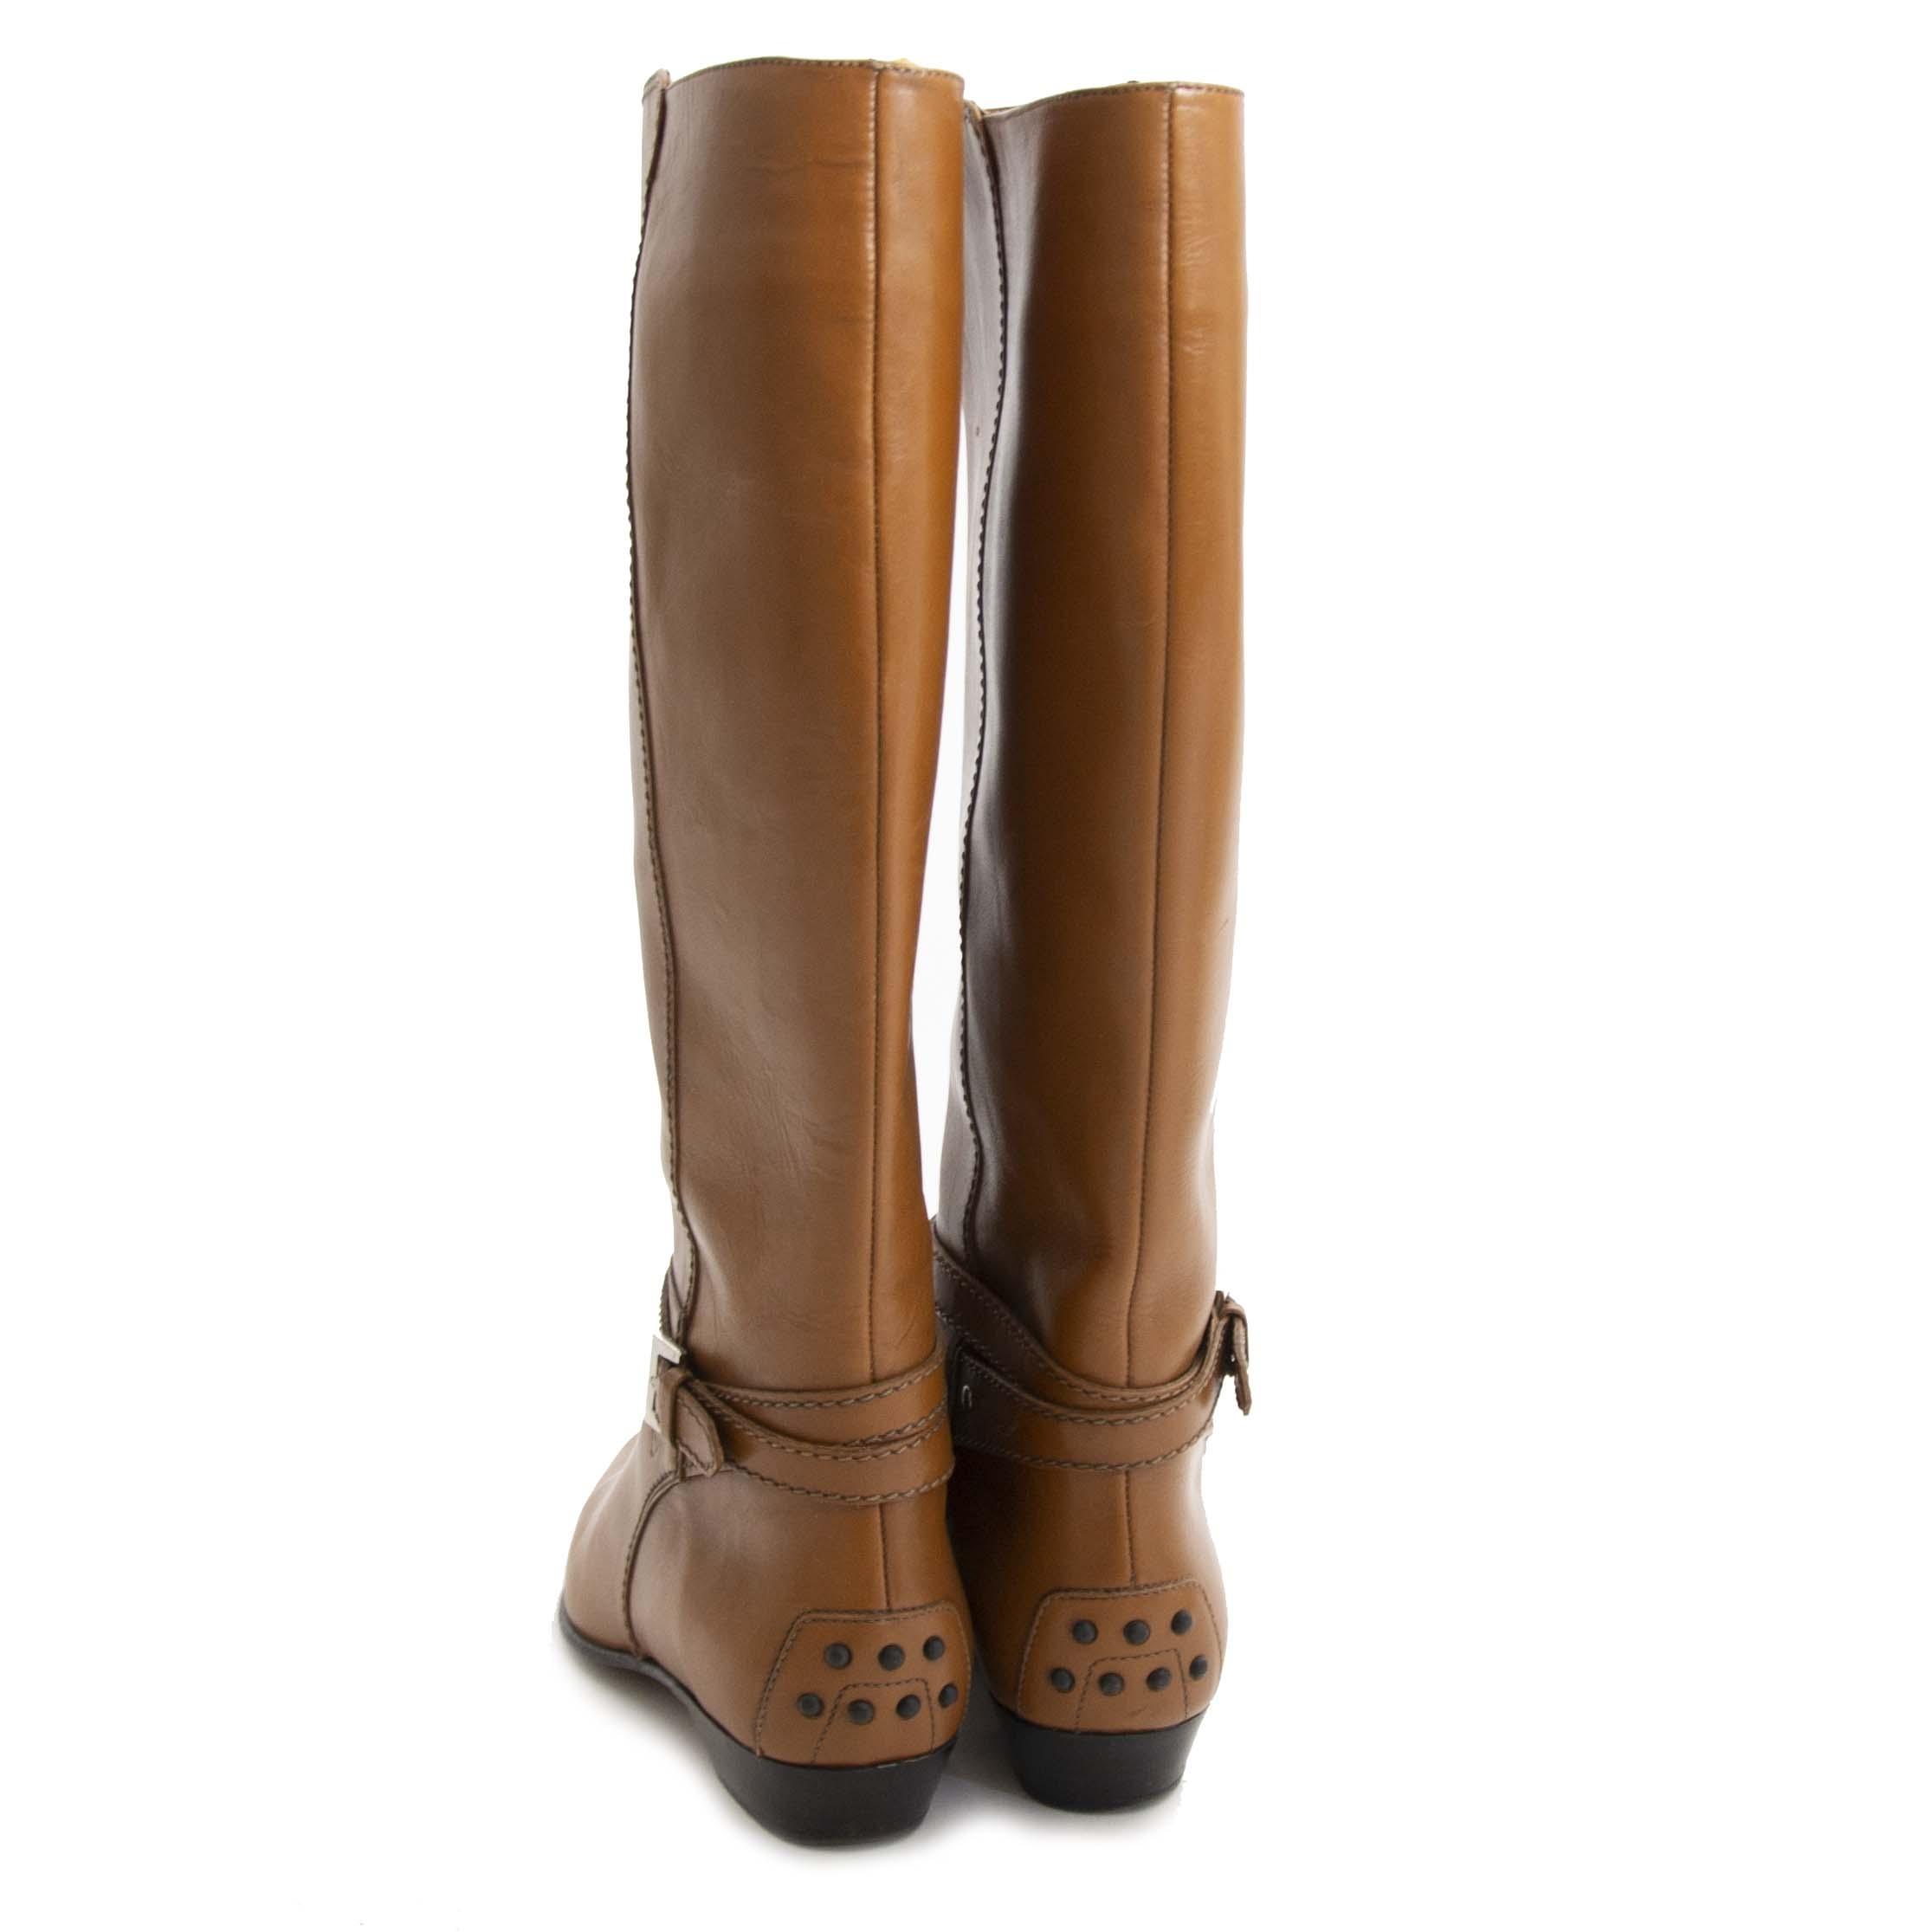 Tod's Brown Boots - 37 For the best price at LabelLov. Pour le meilleur prix à LabelLOV. Voor de beste prijs bij LabelLOV.